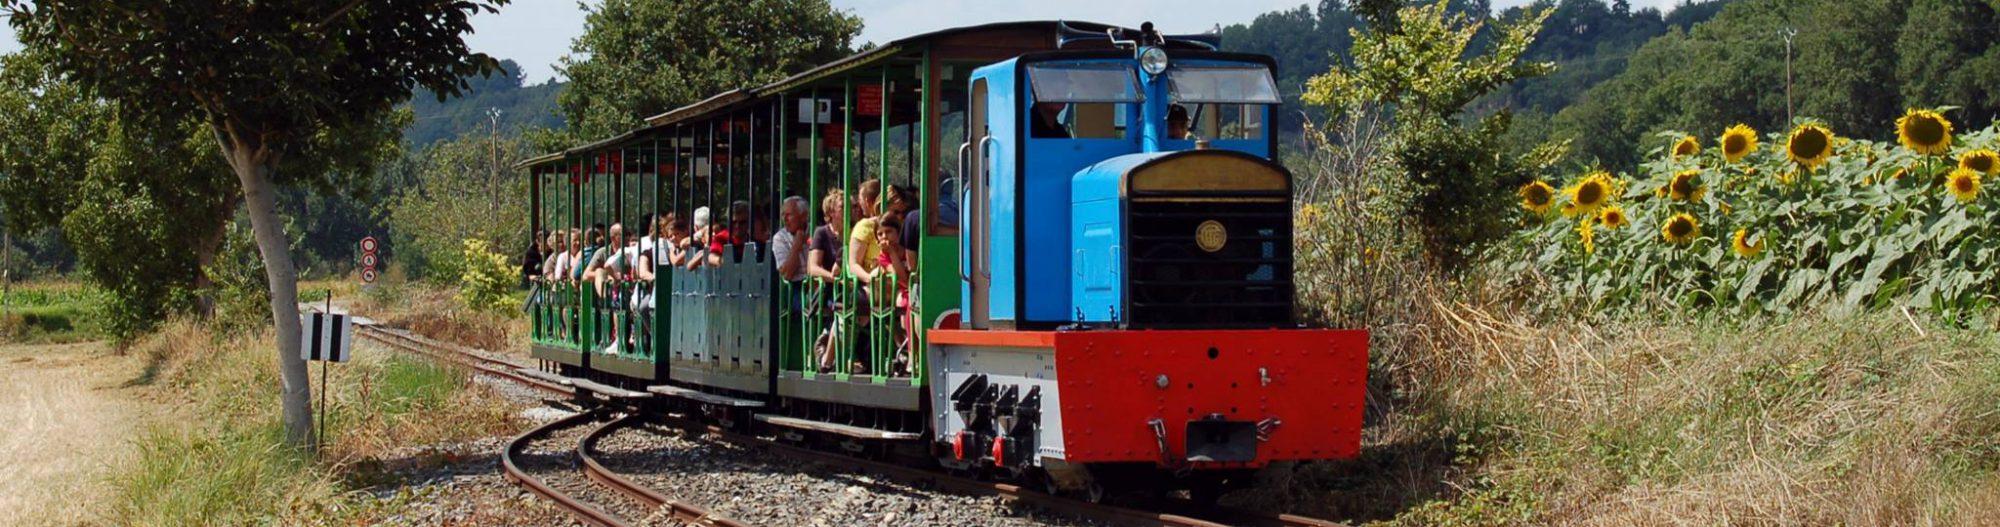 Chemin de fer touristique du Tarn musée du chemin de fer industriel